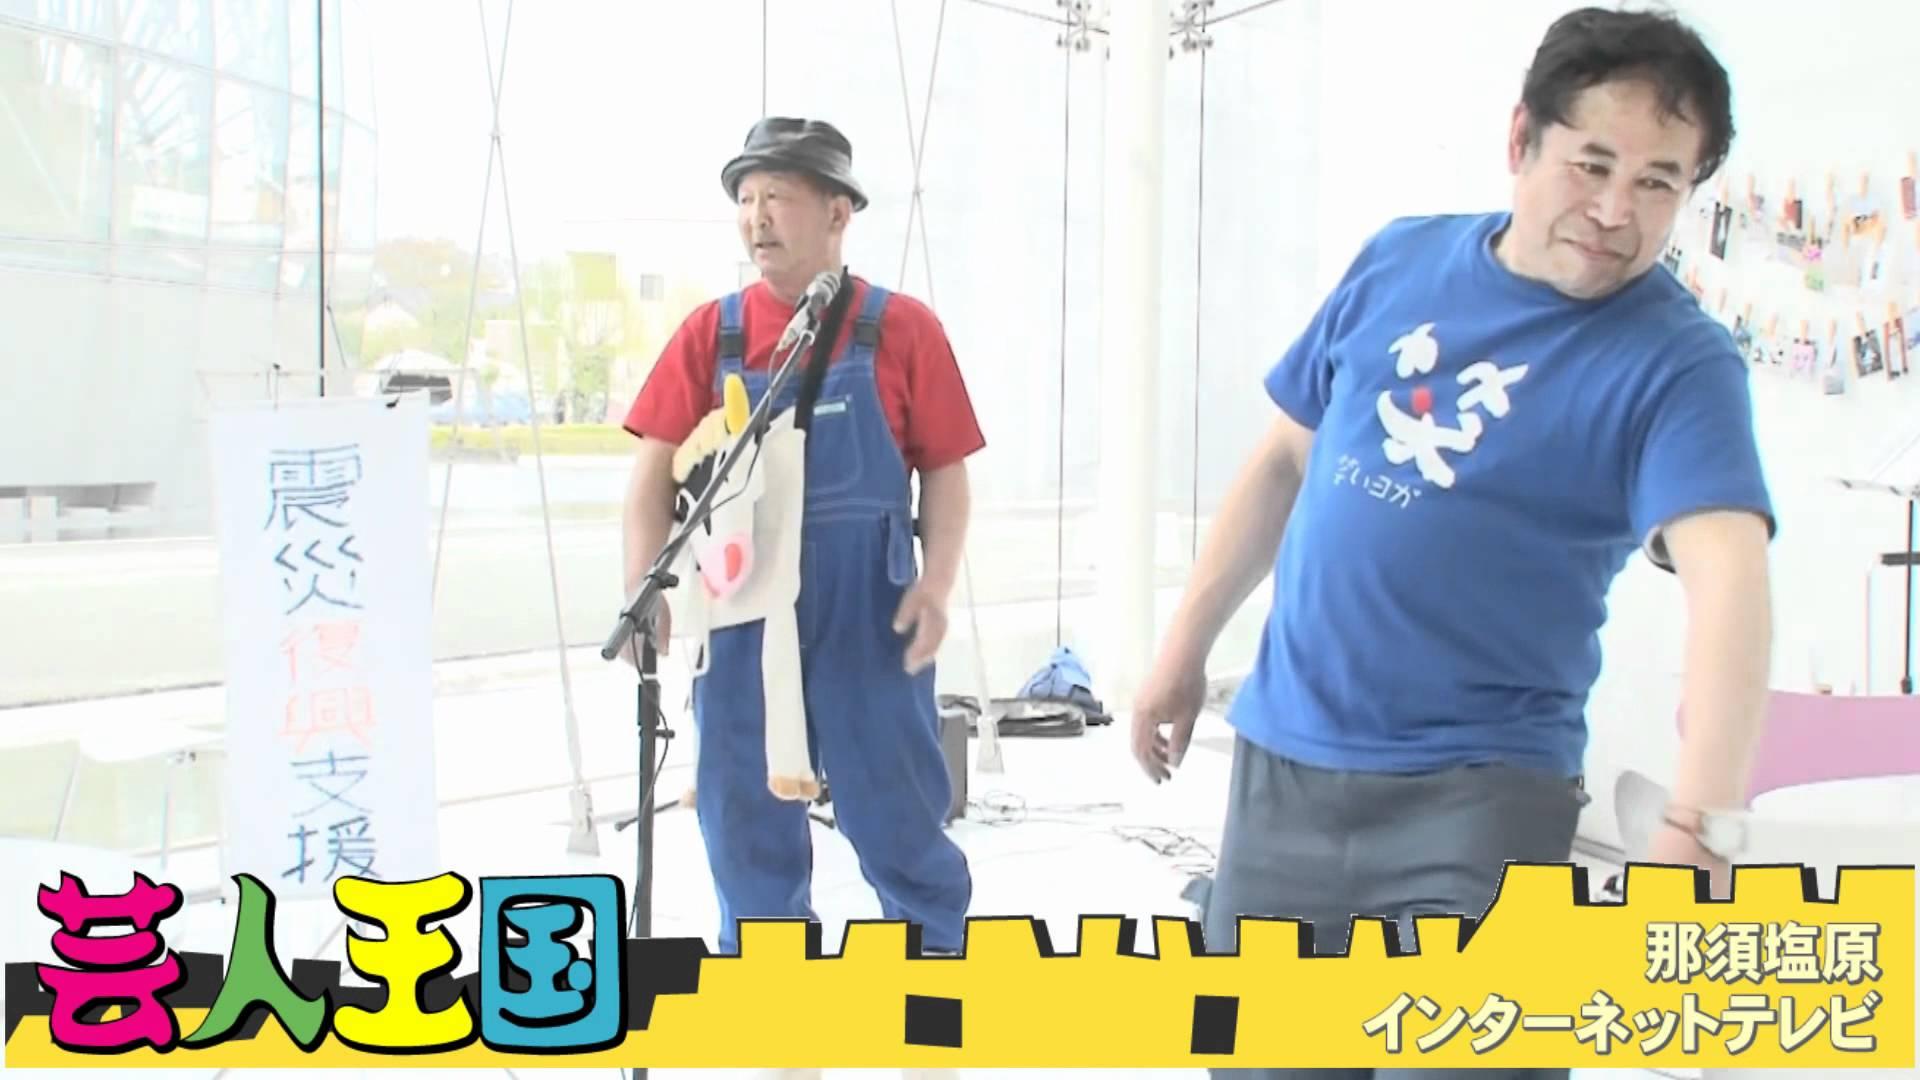 那須野芸人祭り~とっこねえ、もーもーひでやん